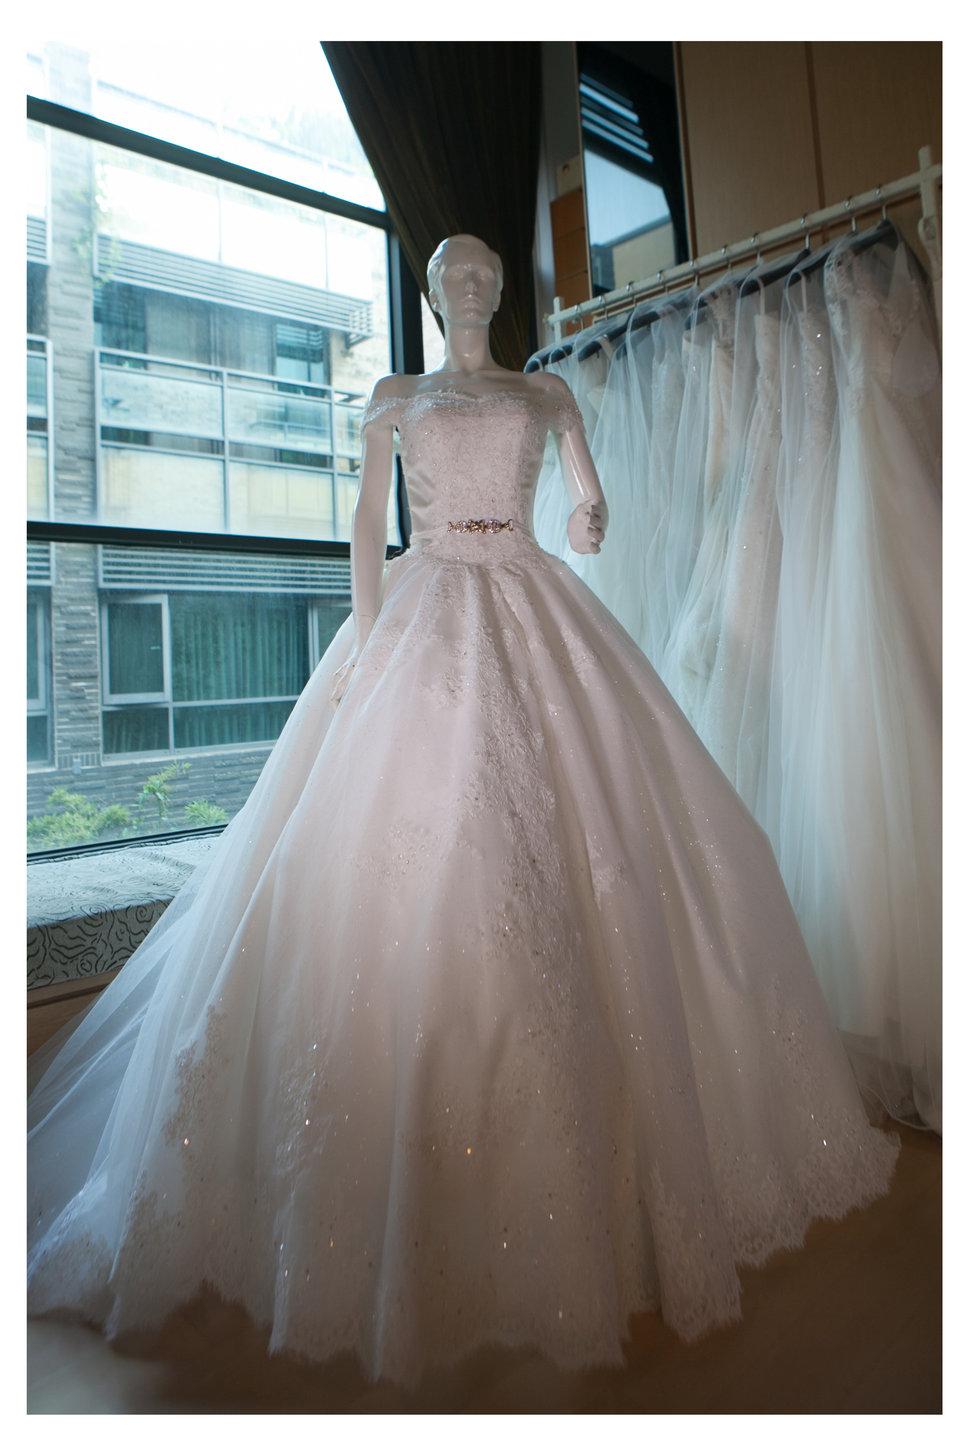 t-57 - 台中2號出口婚紗攝影工作室 - 結婚吧